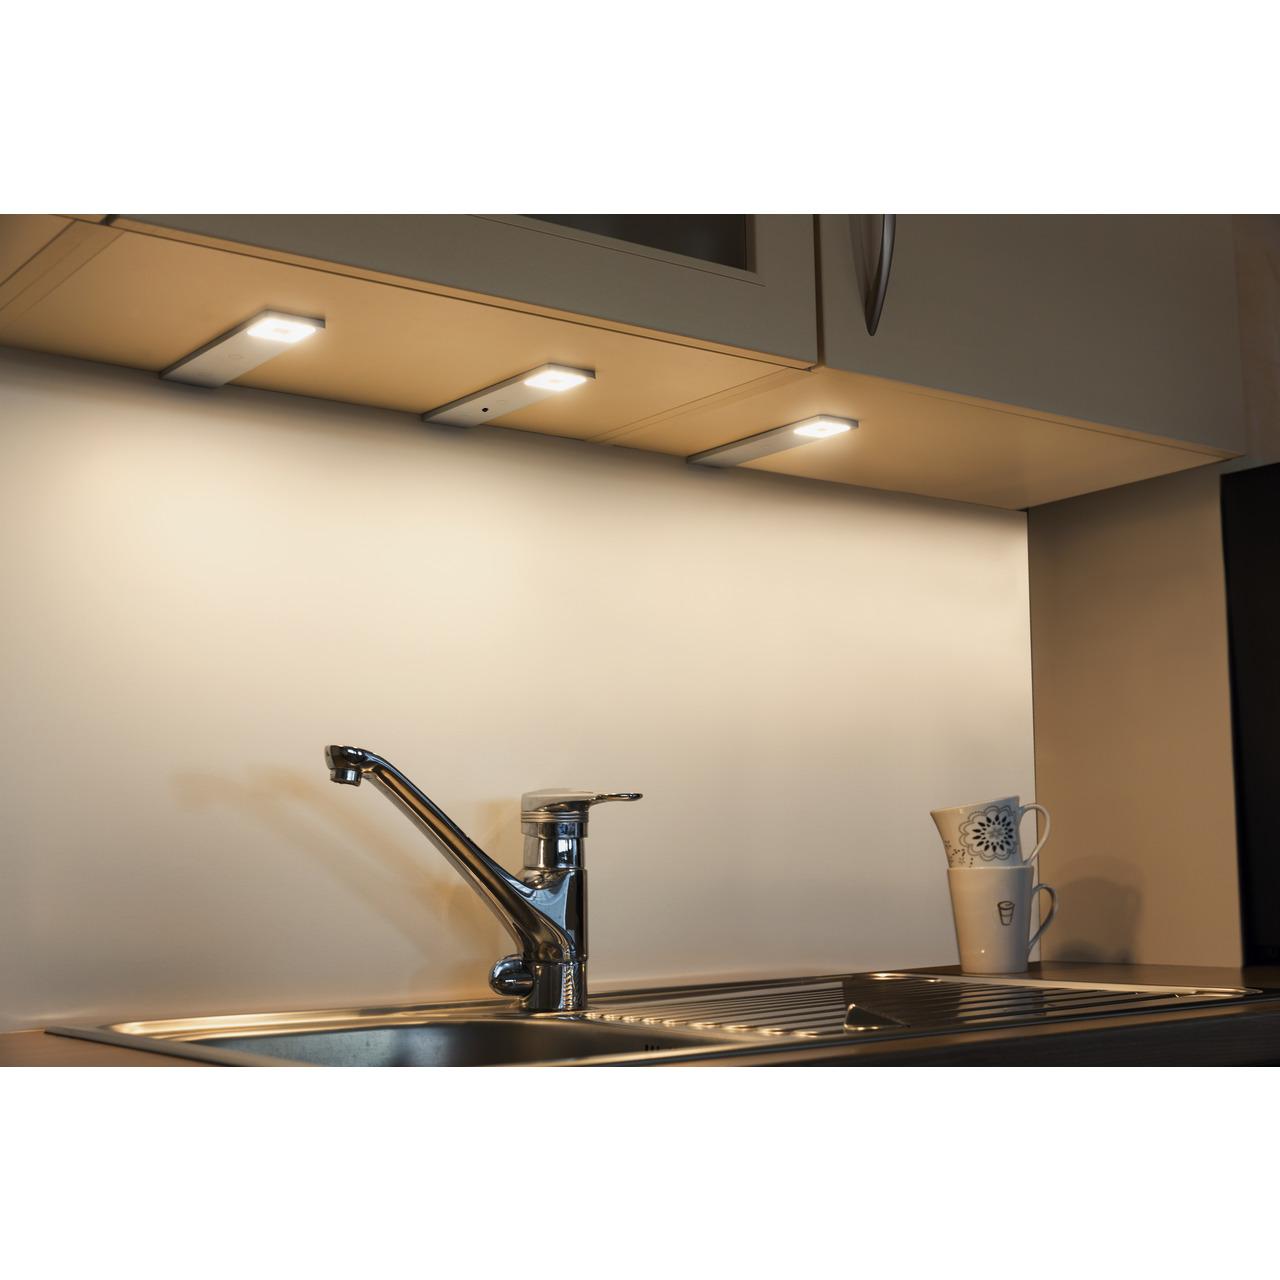 HEITRONIC 3er-Set LED-Unterbauleuchte Imola- warmweiss- erweiterbar auf bis zu 6 Spots